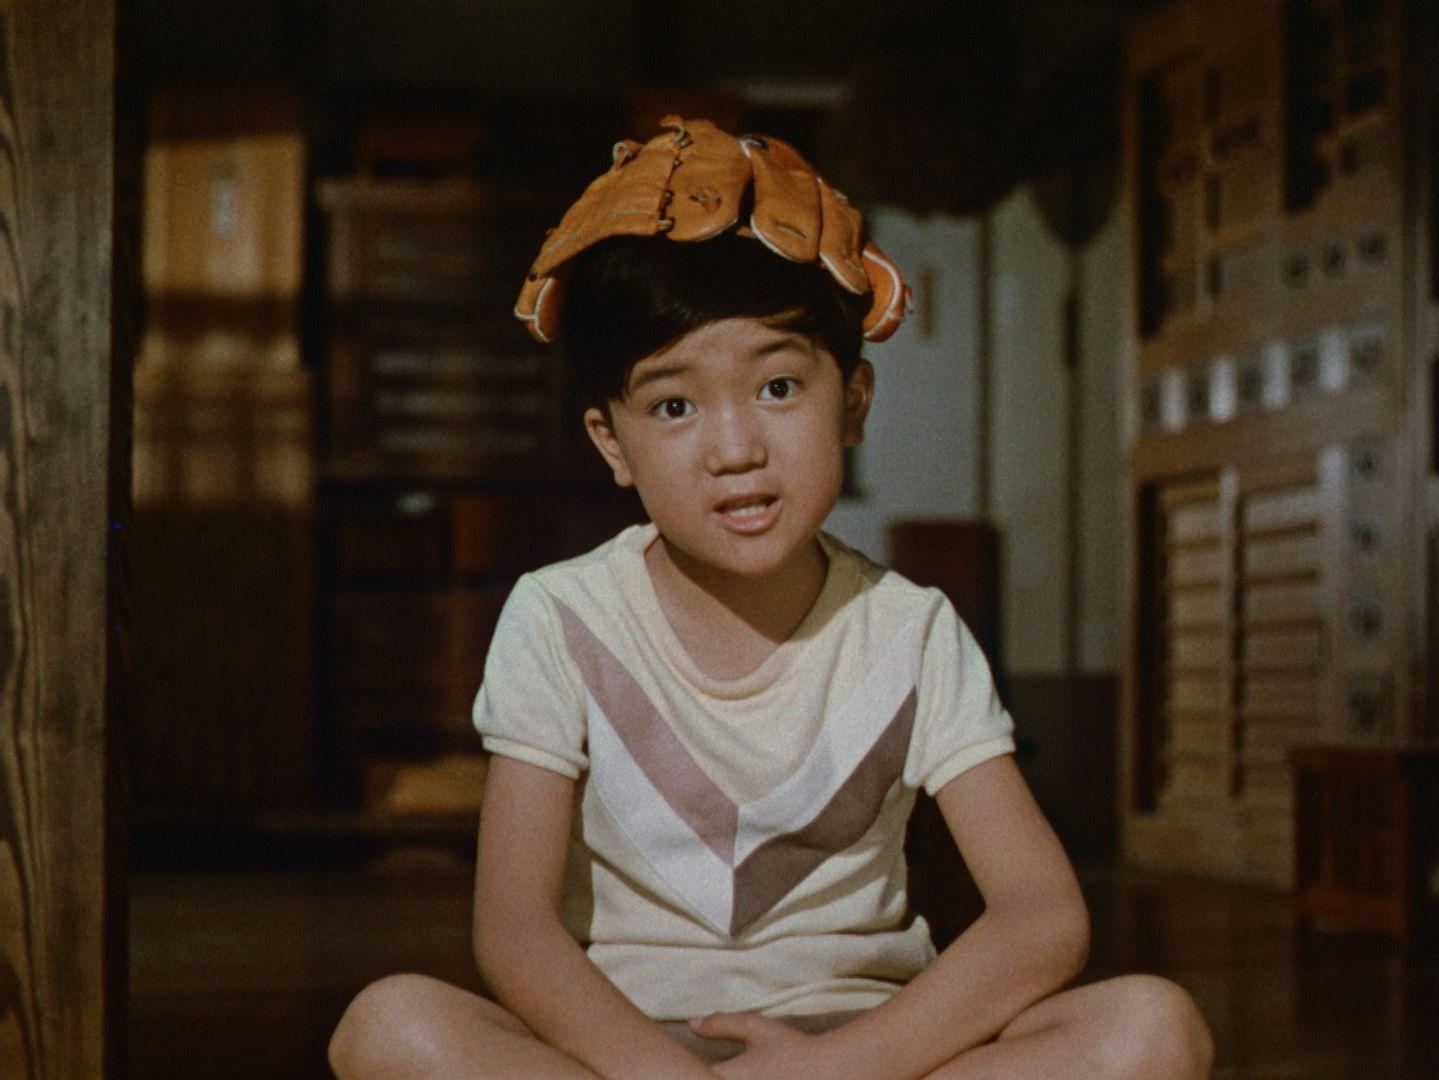 Dernier caprice (BANDE-ANNONCE) de Yasujirô Ozu - Le 5 août 2020 au cinéma